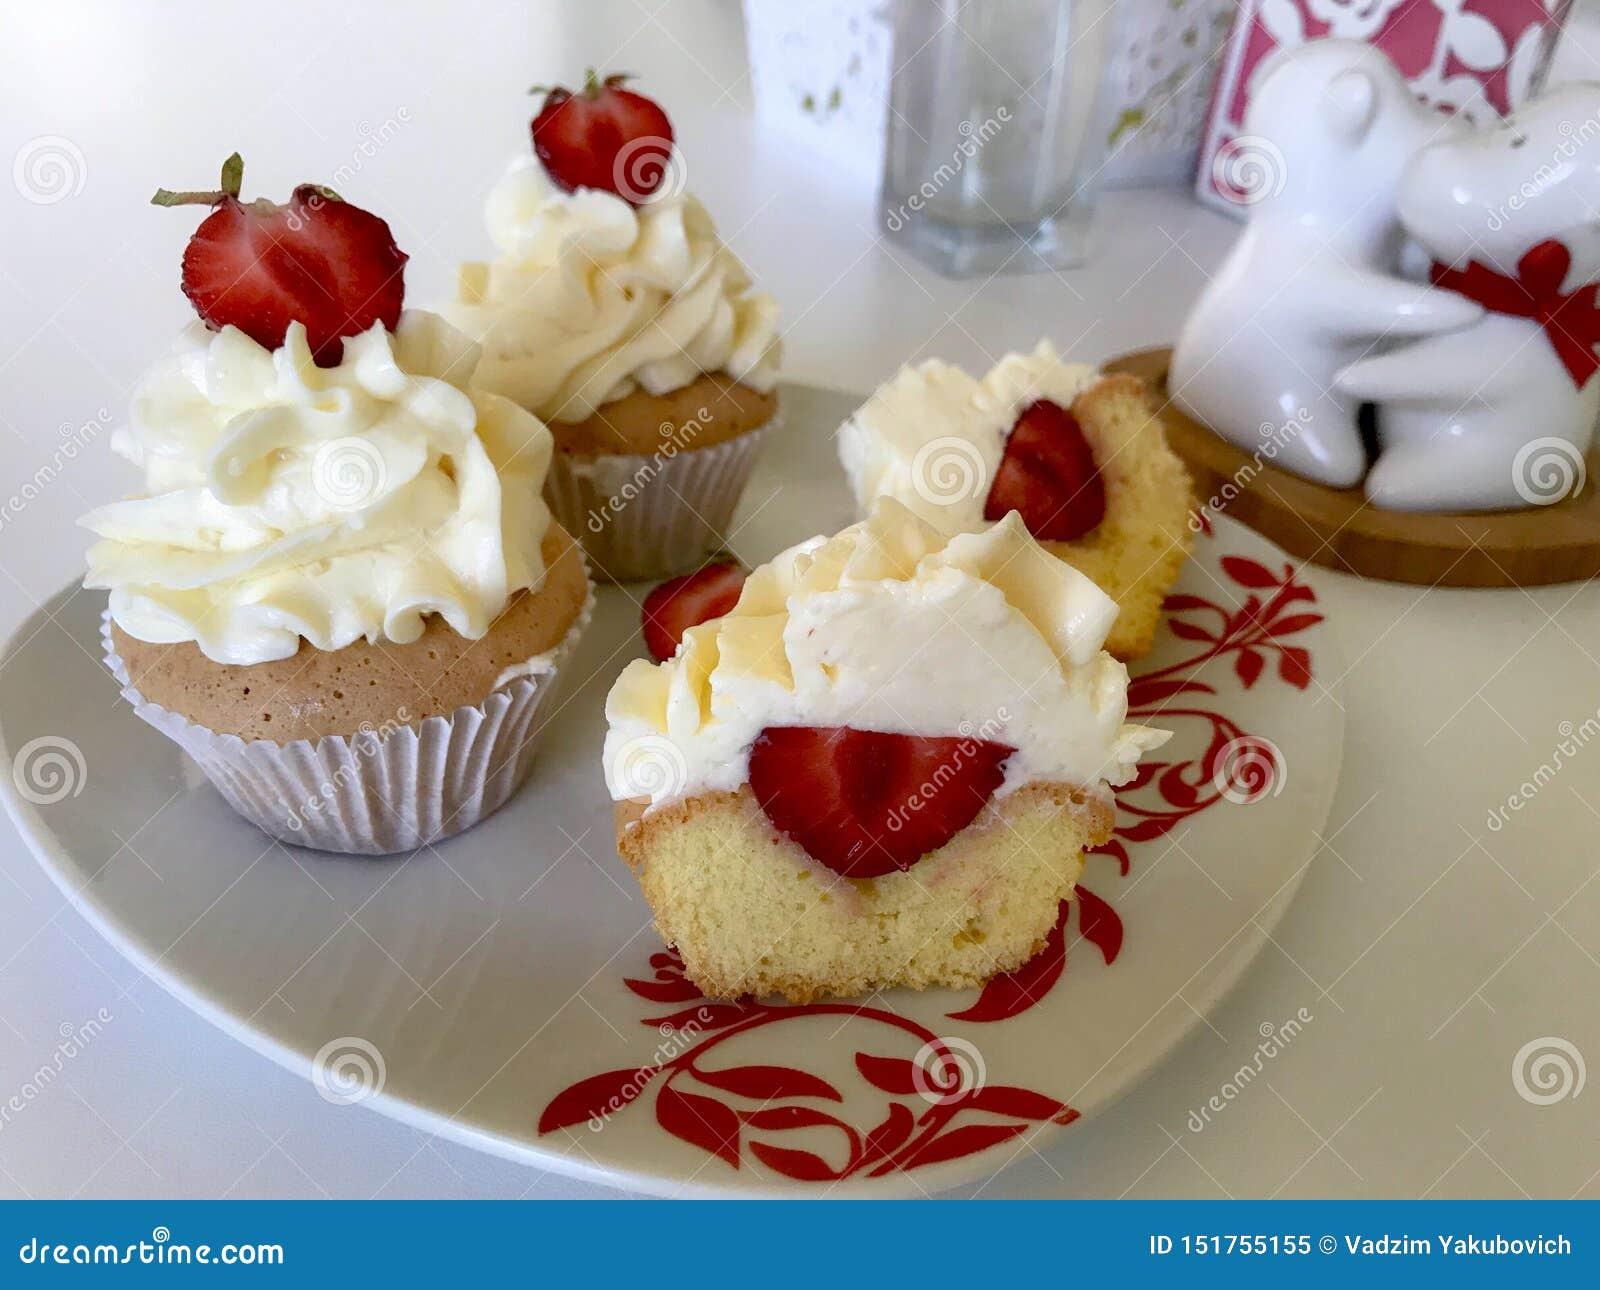 Kleine Kuchen mit Erdbeeren und Buttercreme Eins von ihnen wird geschnitten, die Füllung ist sichtbar Auf einer weißen Oberfläche